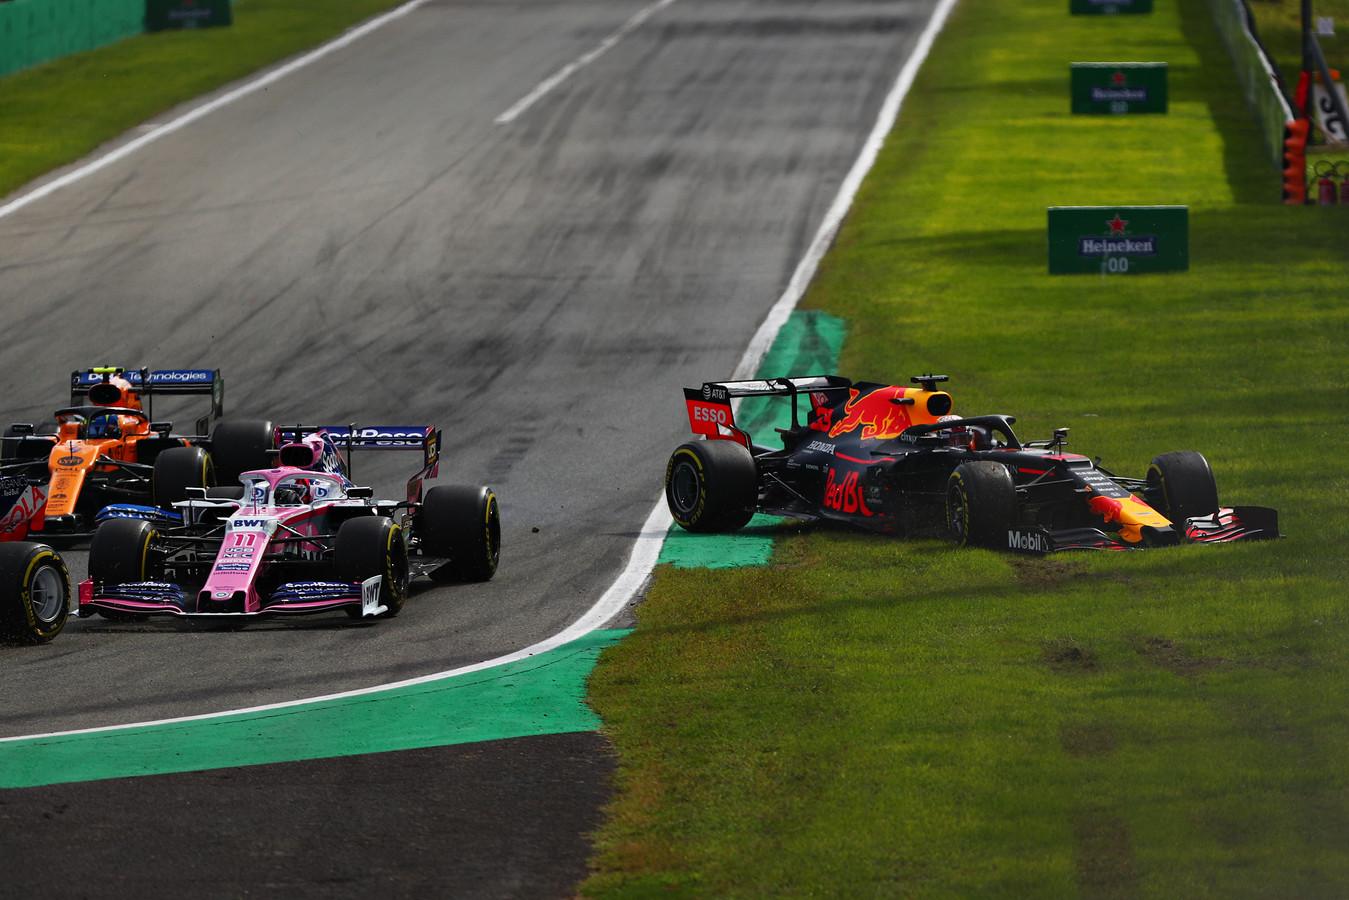 Max Verstappen moest de chaos in de eerste bocht ontwijken, maar beschadigde daarbij wel zijn voorvleugel